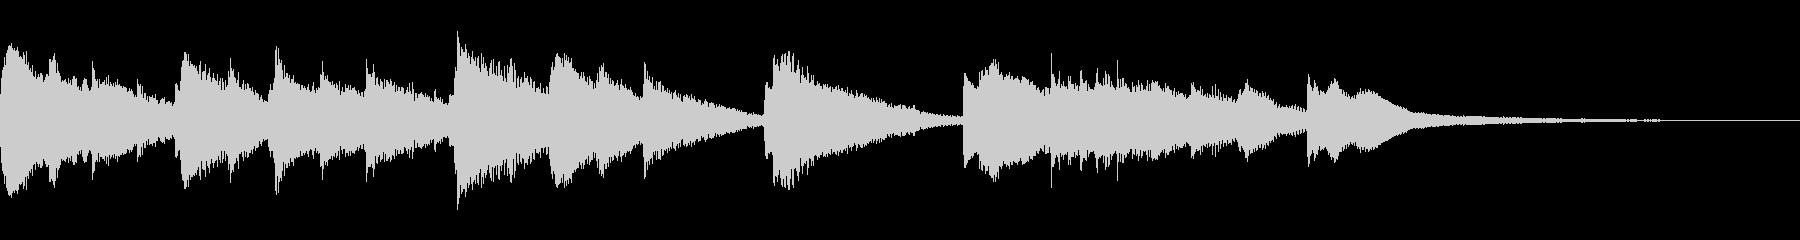 箏とピアノの和風ジングル エンディング感の未再生の波形